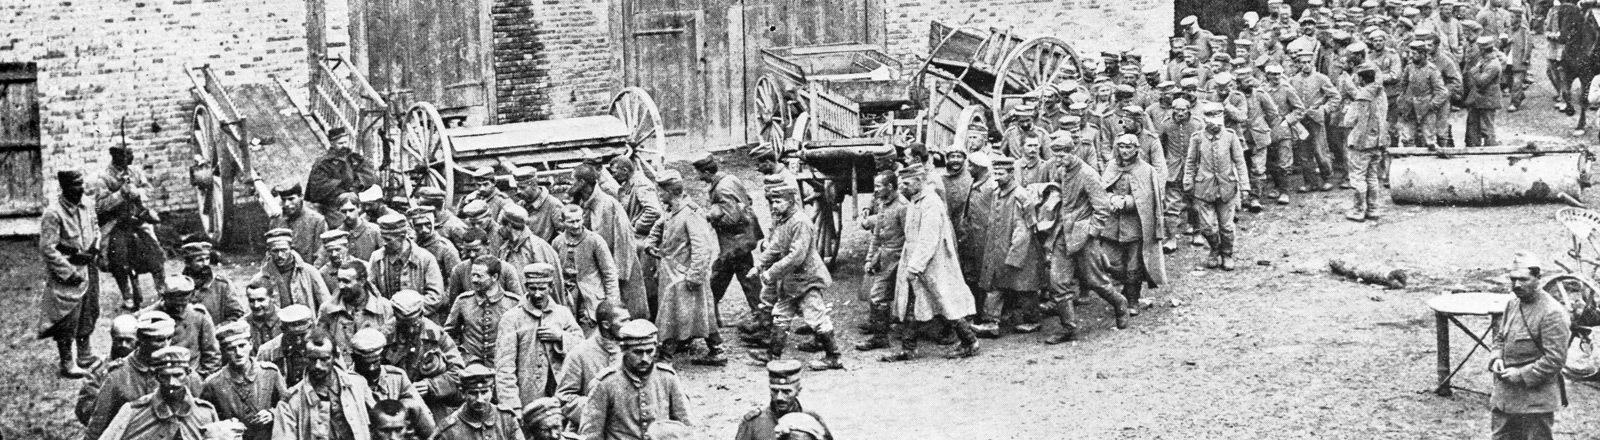 Deutsche Gefangene, 1915, Frankreich, Europa